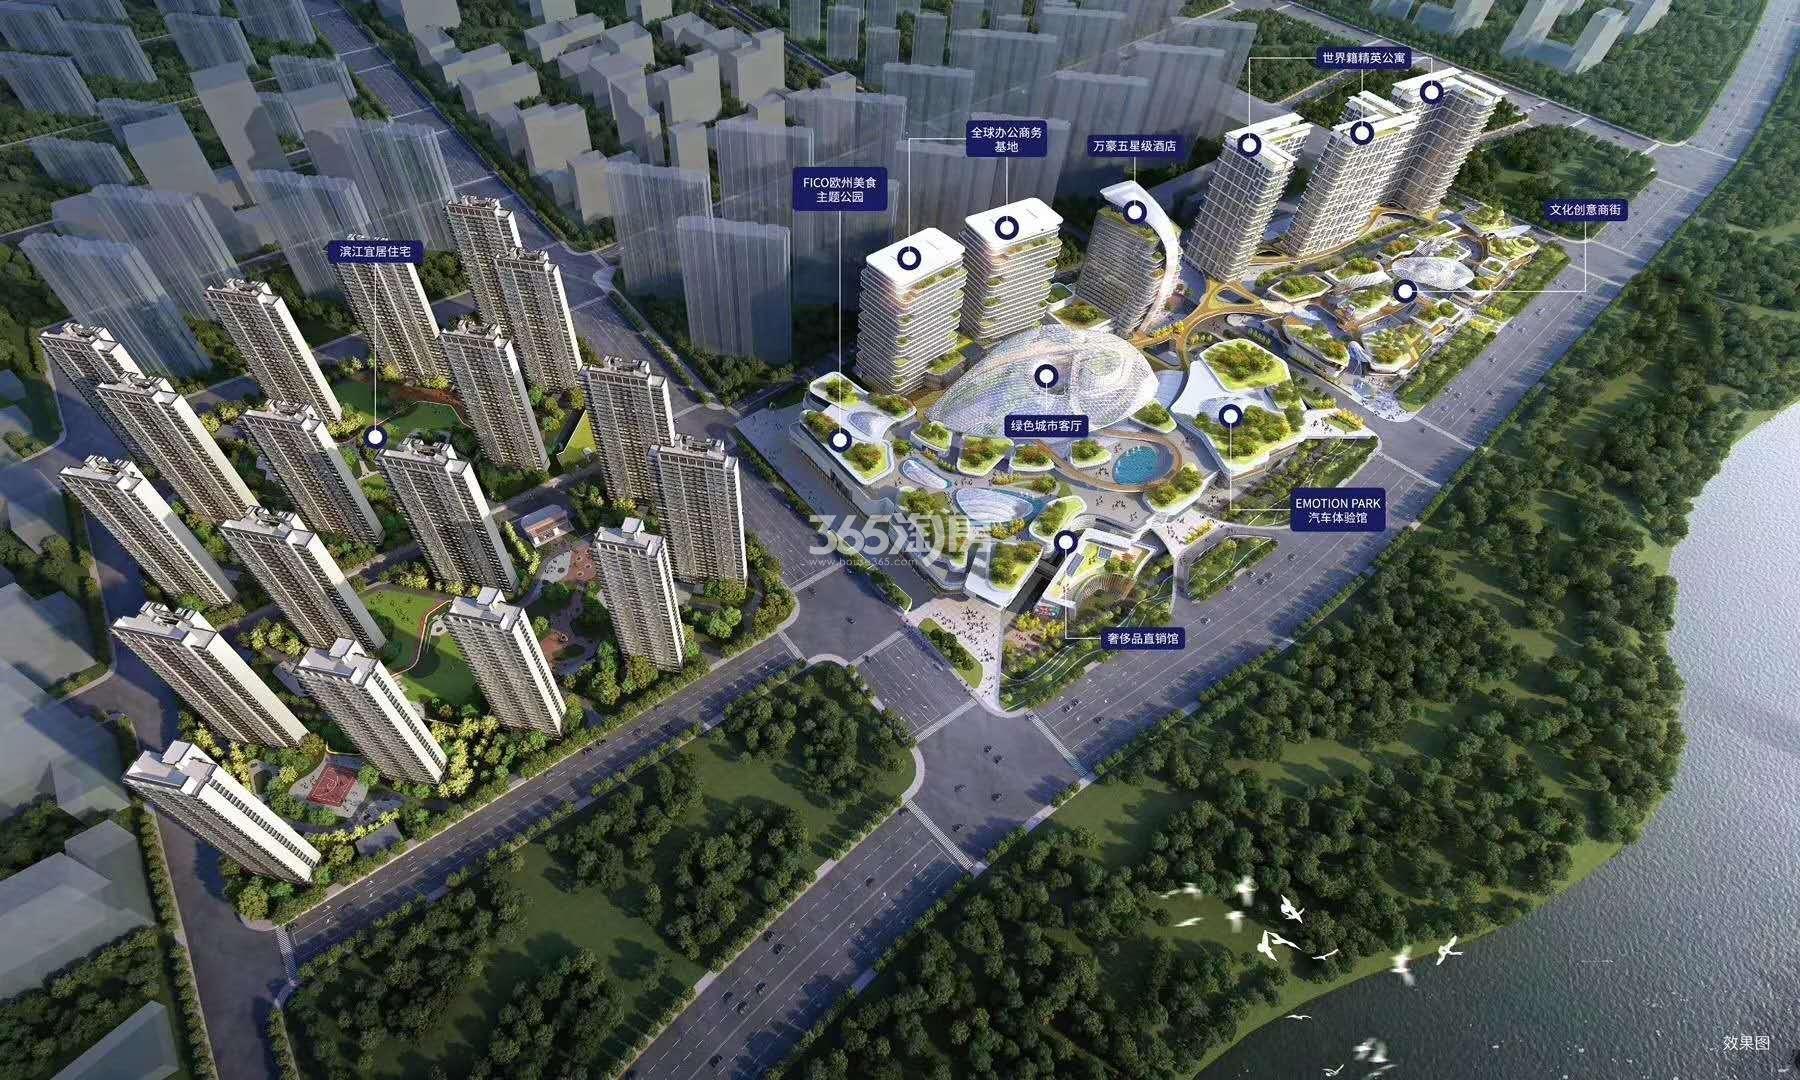 雅居乐汇港城鸟瞰图